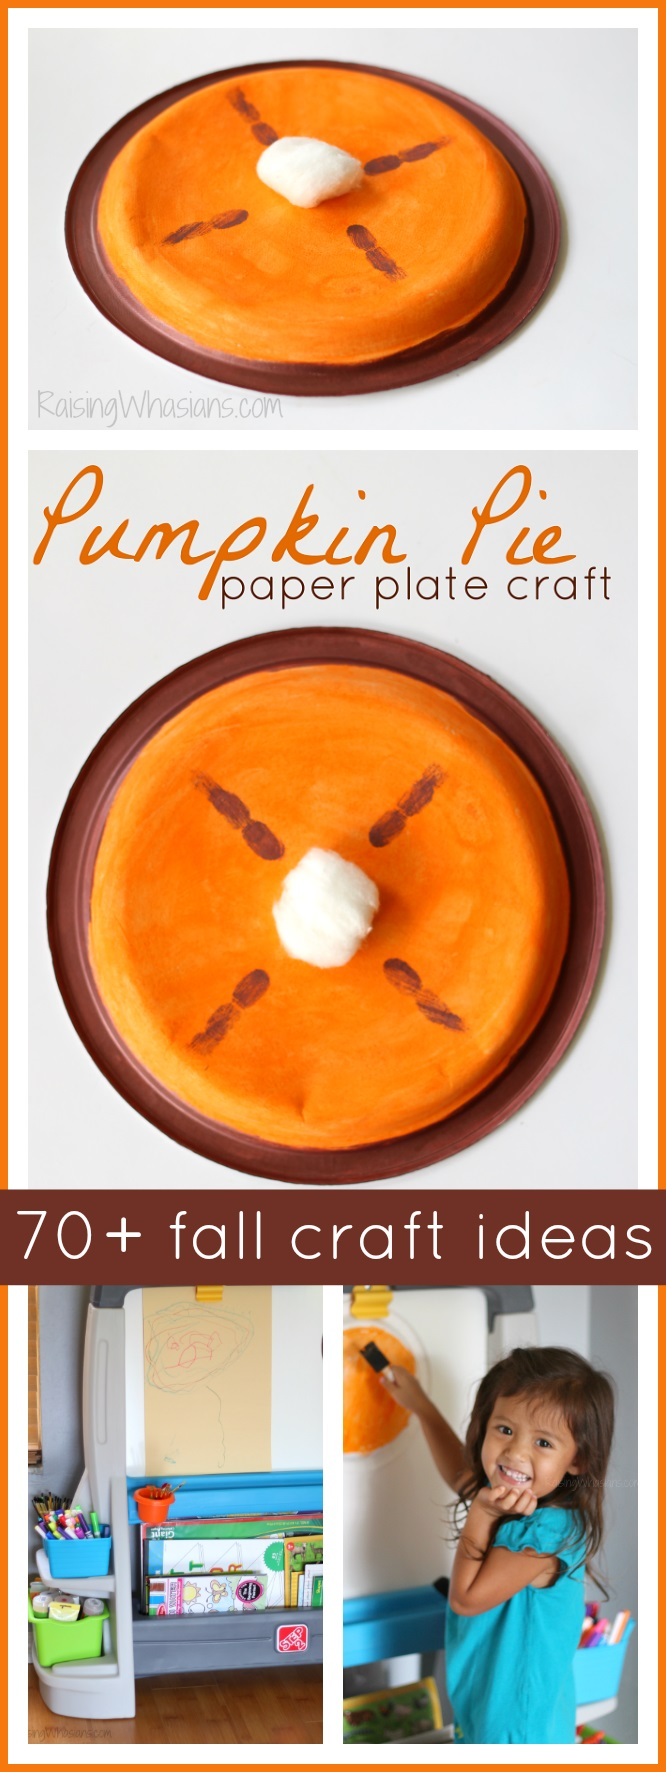 Pumpkin pie craft fall craft ideas